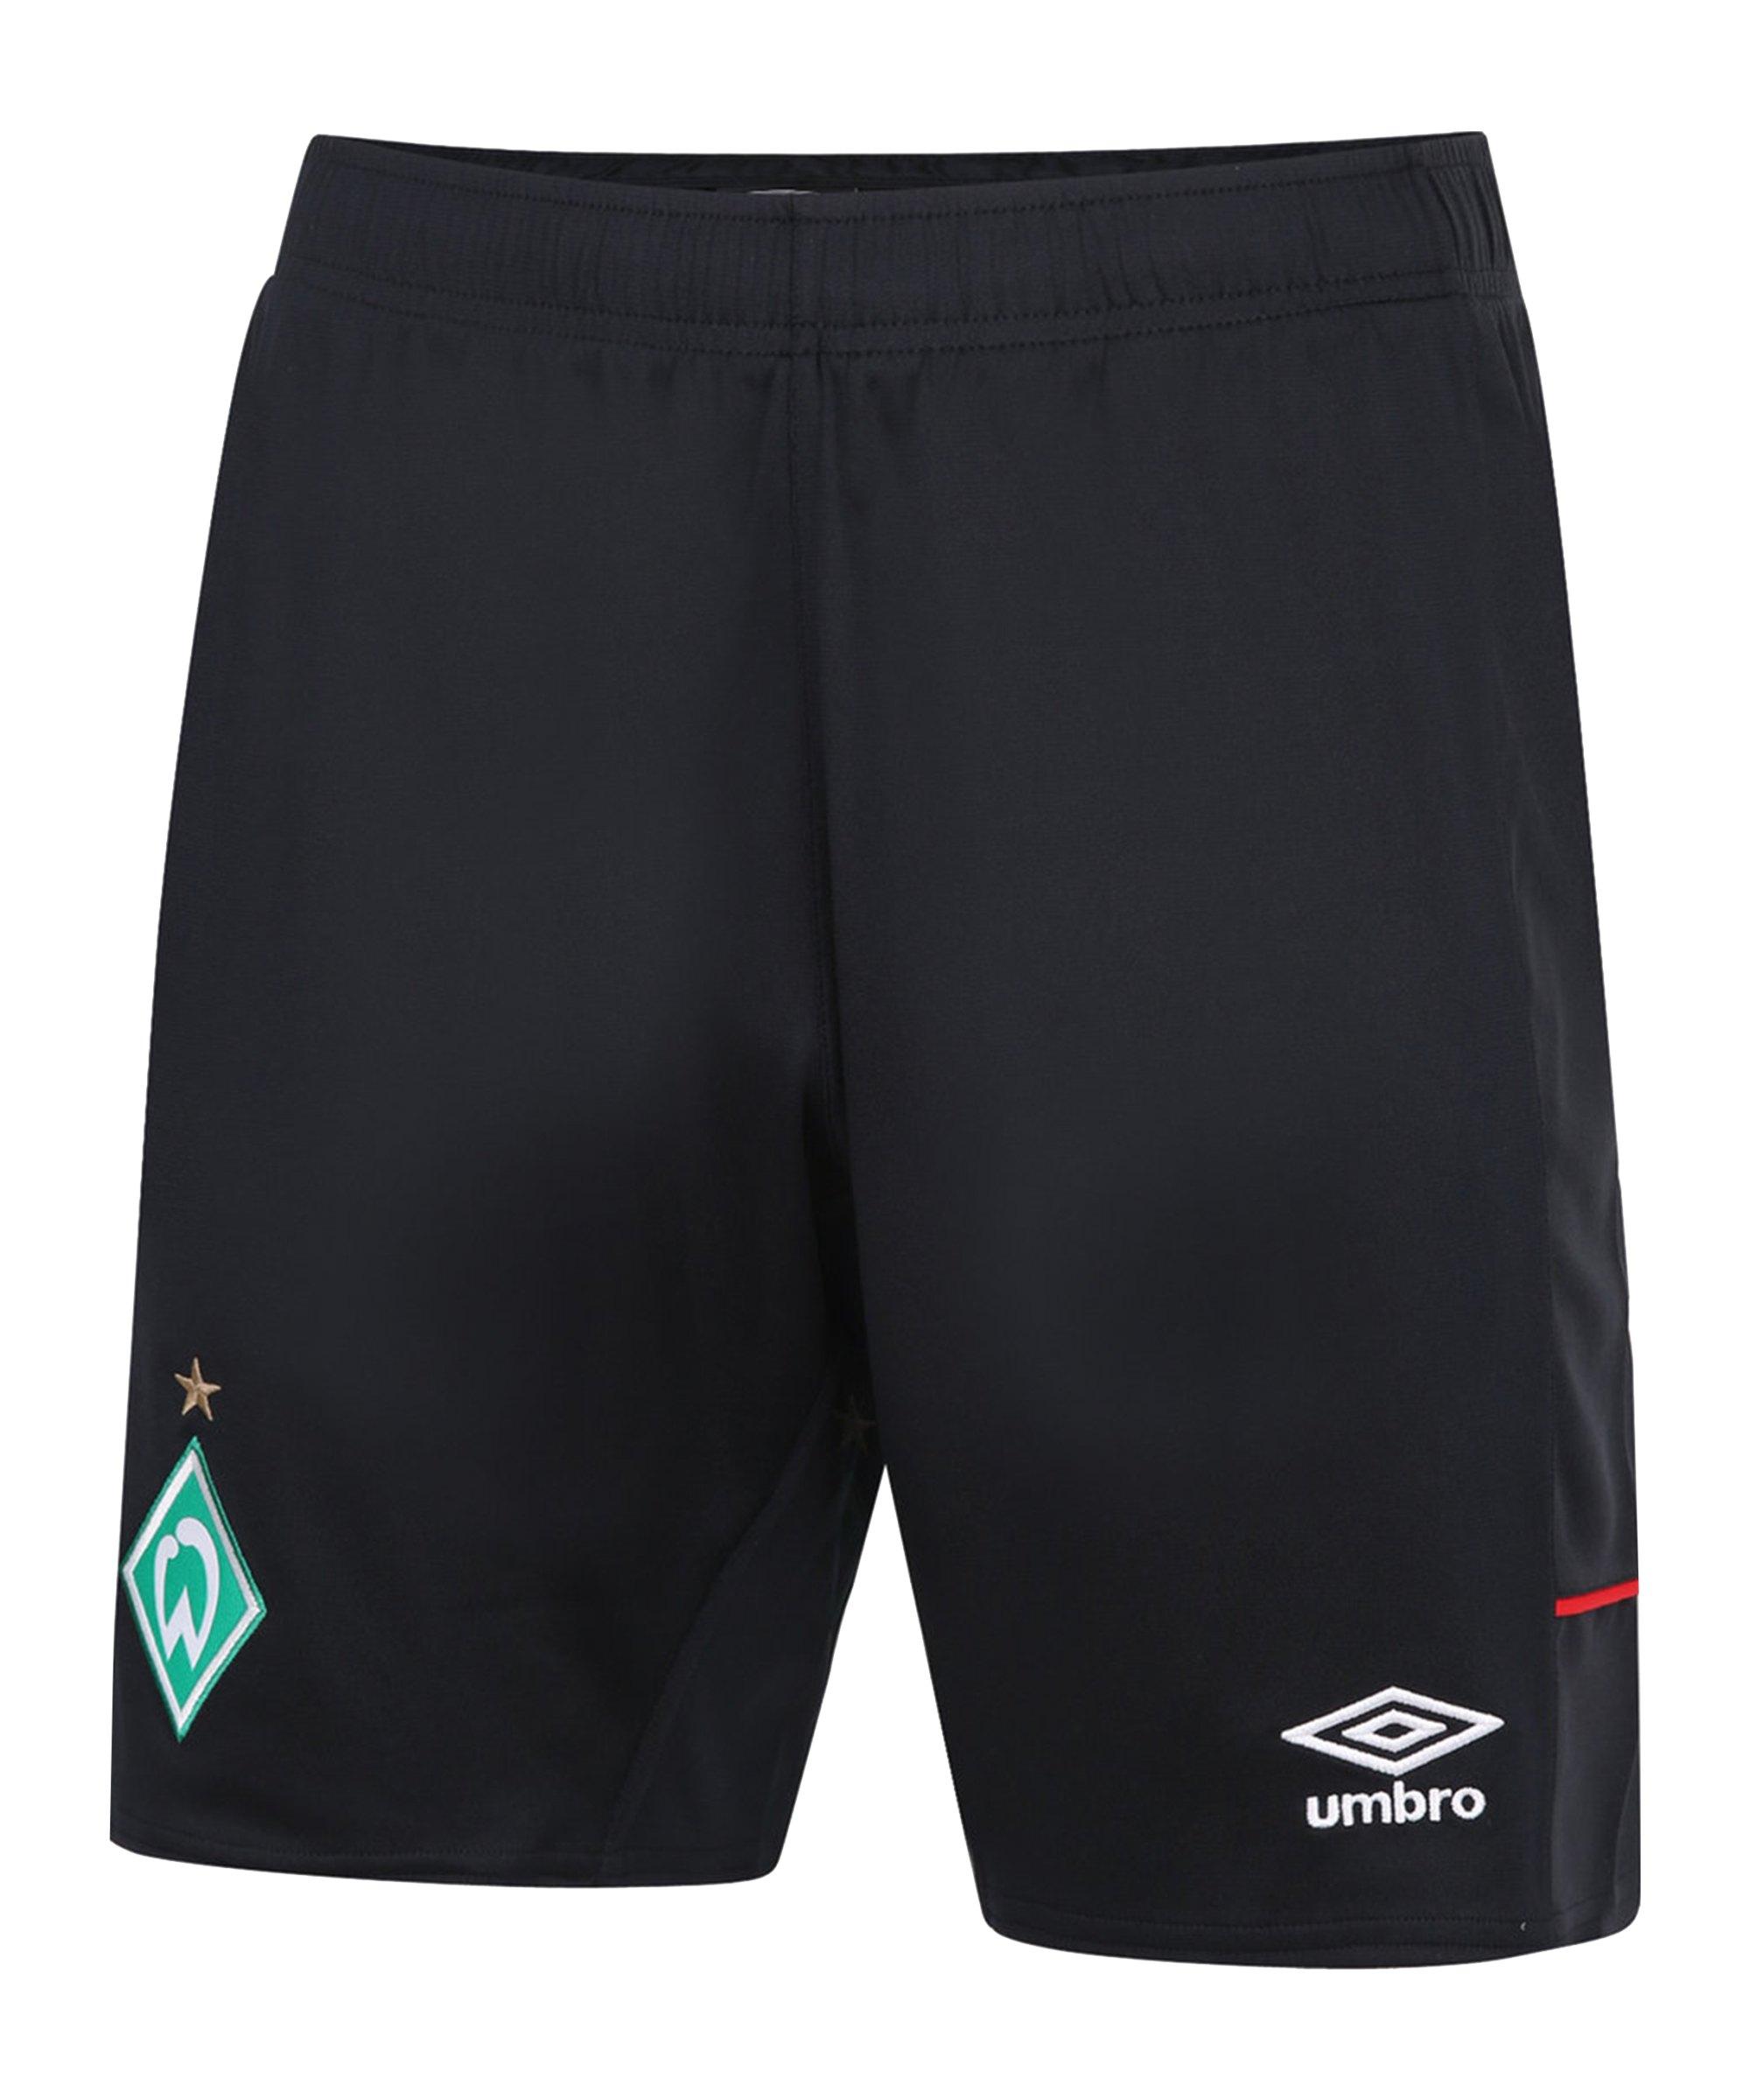 Umbro SV Werder Bremen Short 3rd 2020/2021 - schwarz